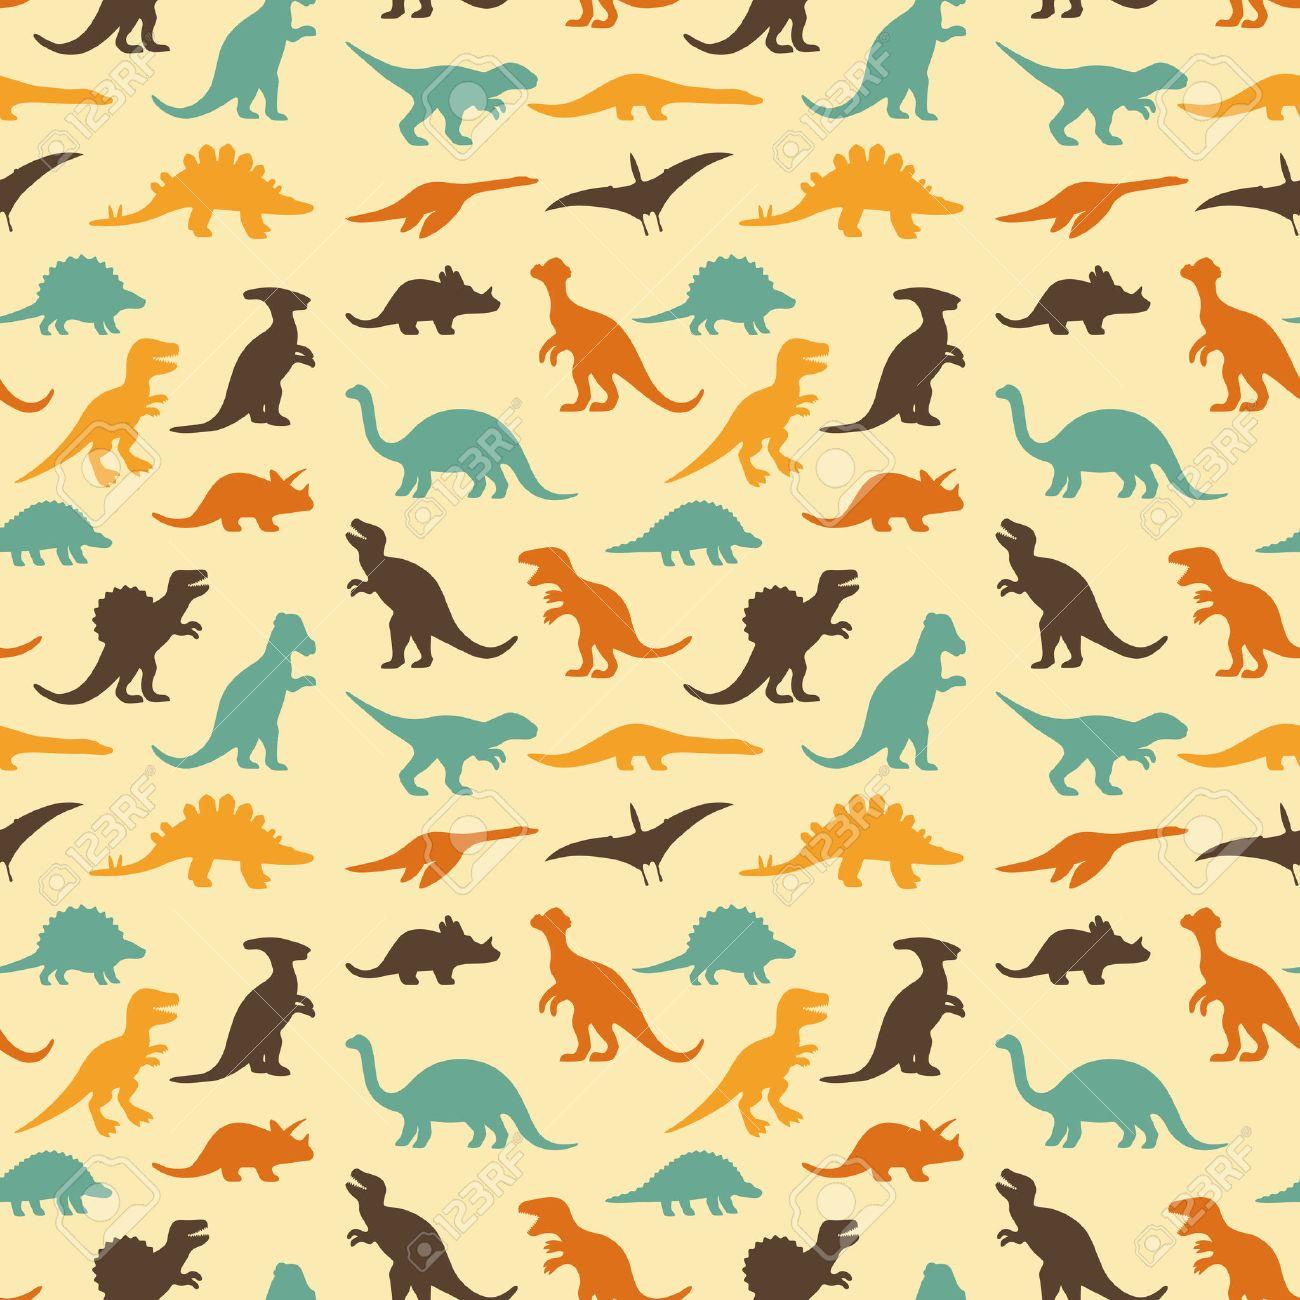 シルエット恐竜、動物のイラスト、レトロ パターン背景のベクトルを